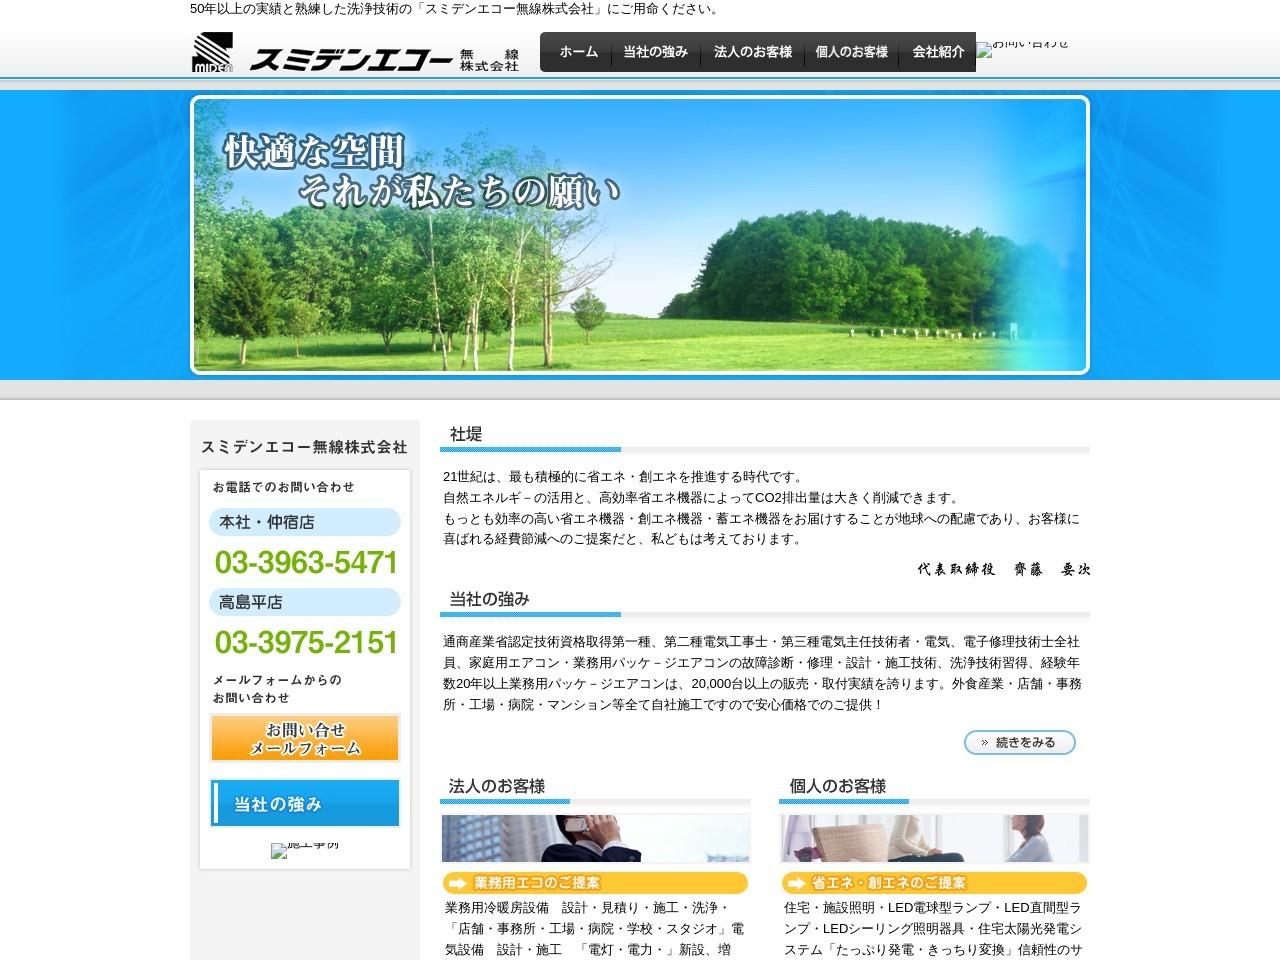 スミデンエコー無線株式会社/本社・仲宿店